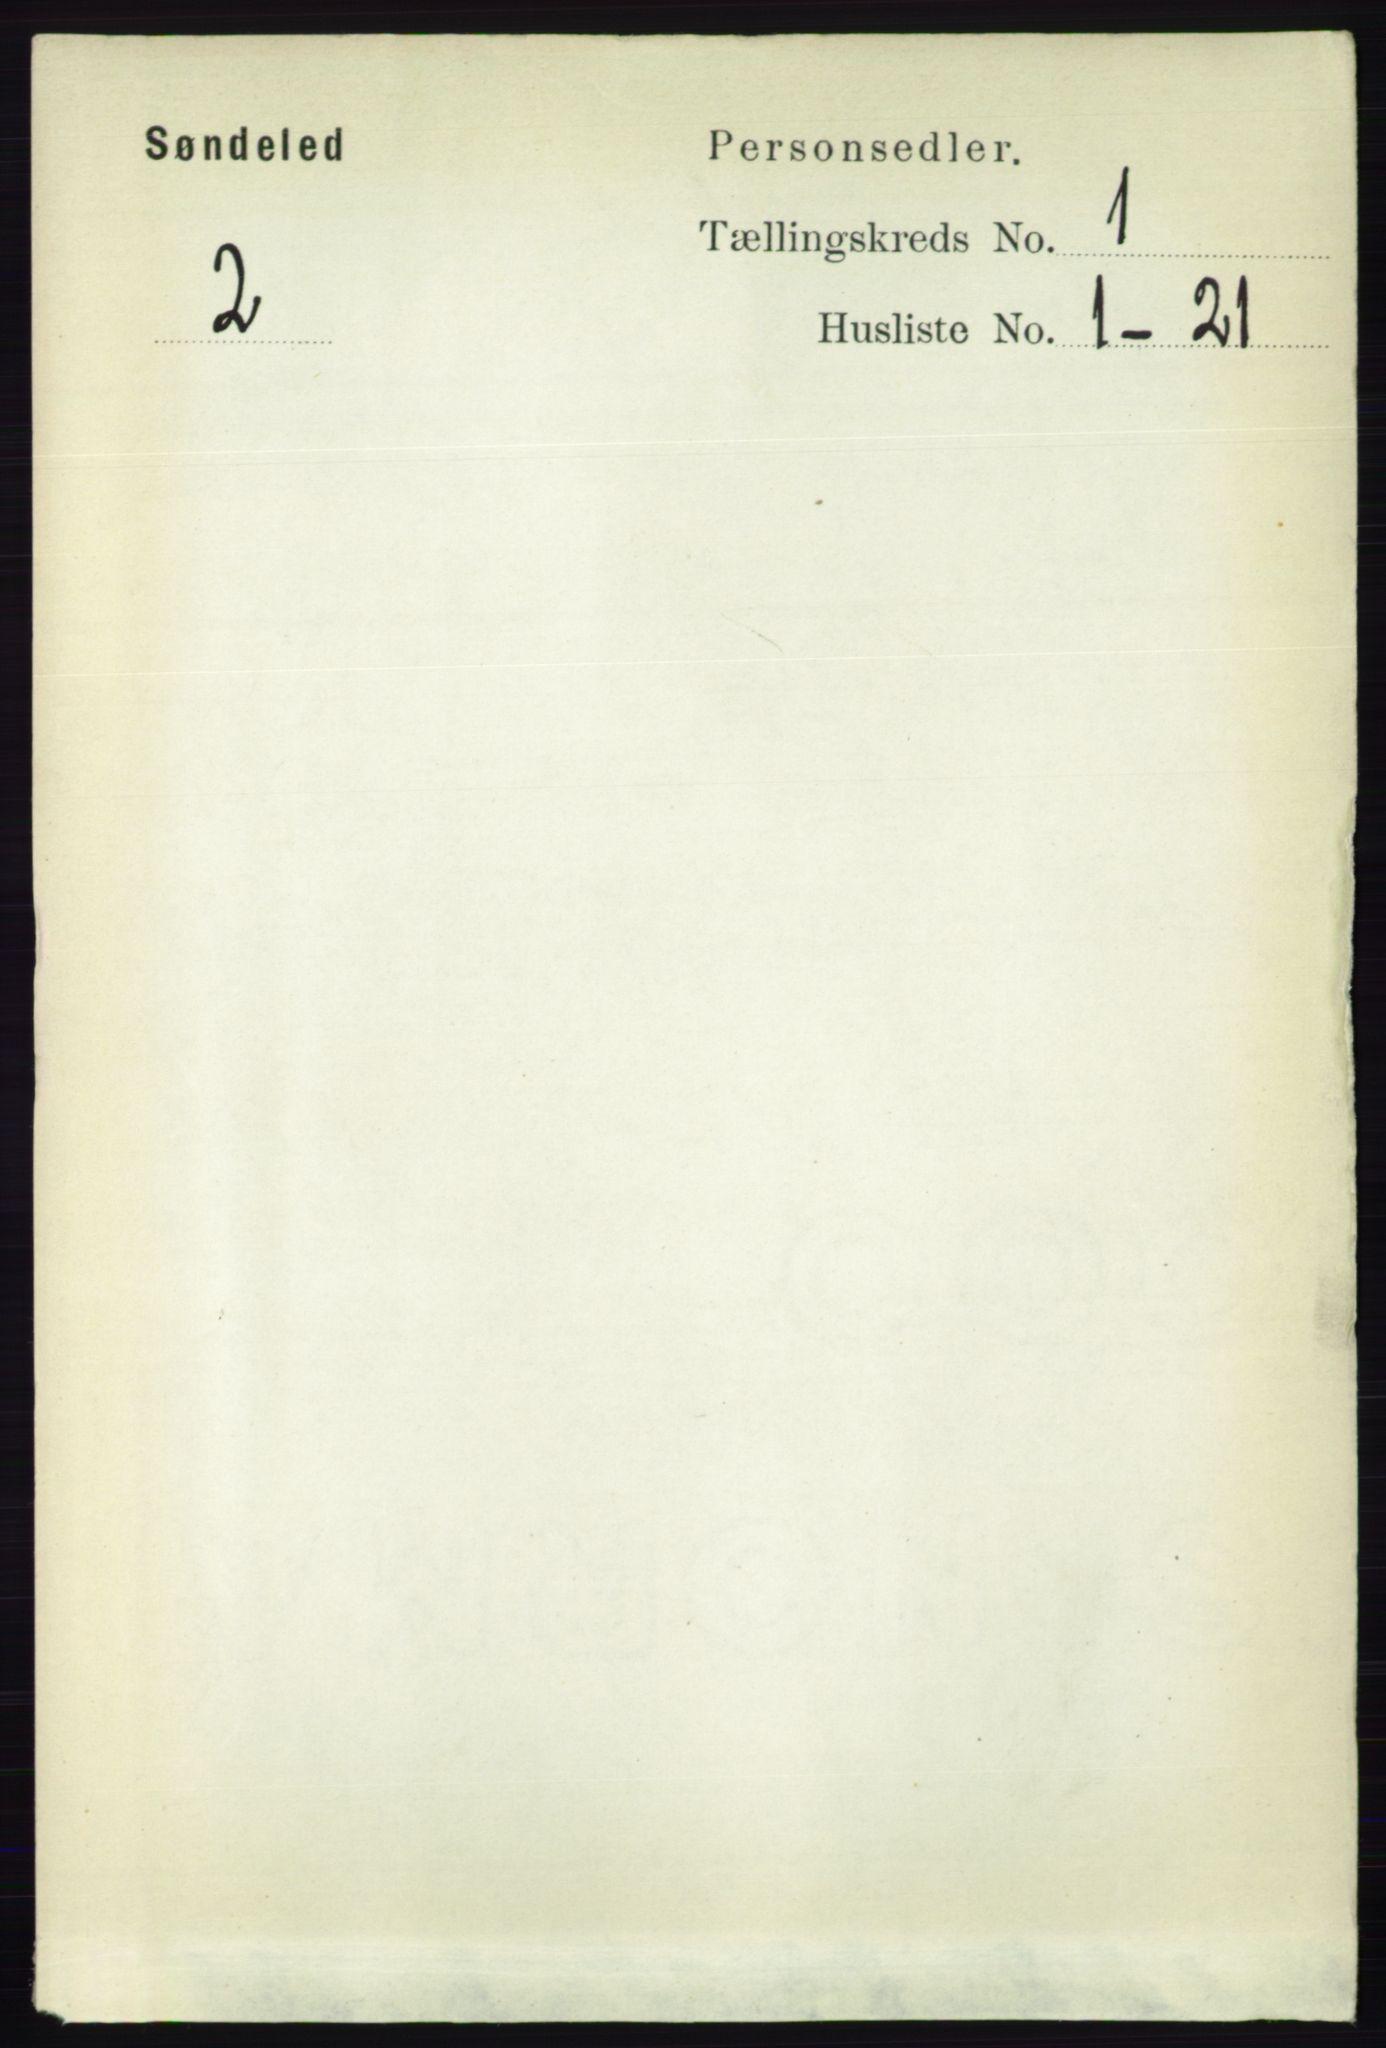 RA, Folketelling 1891 for 0913 Søndeled herred, 1891, s. 84